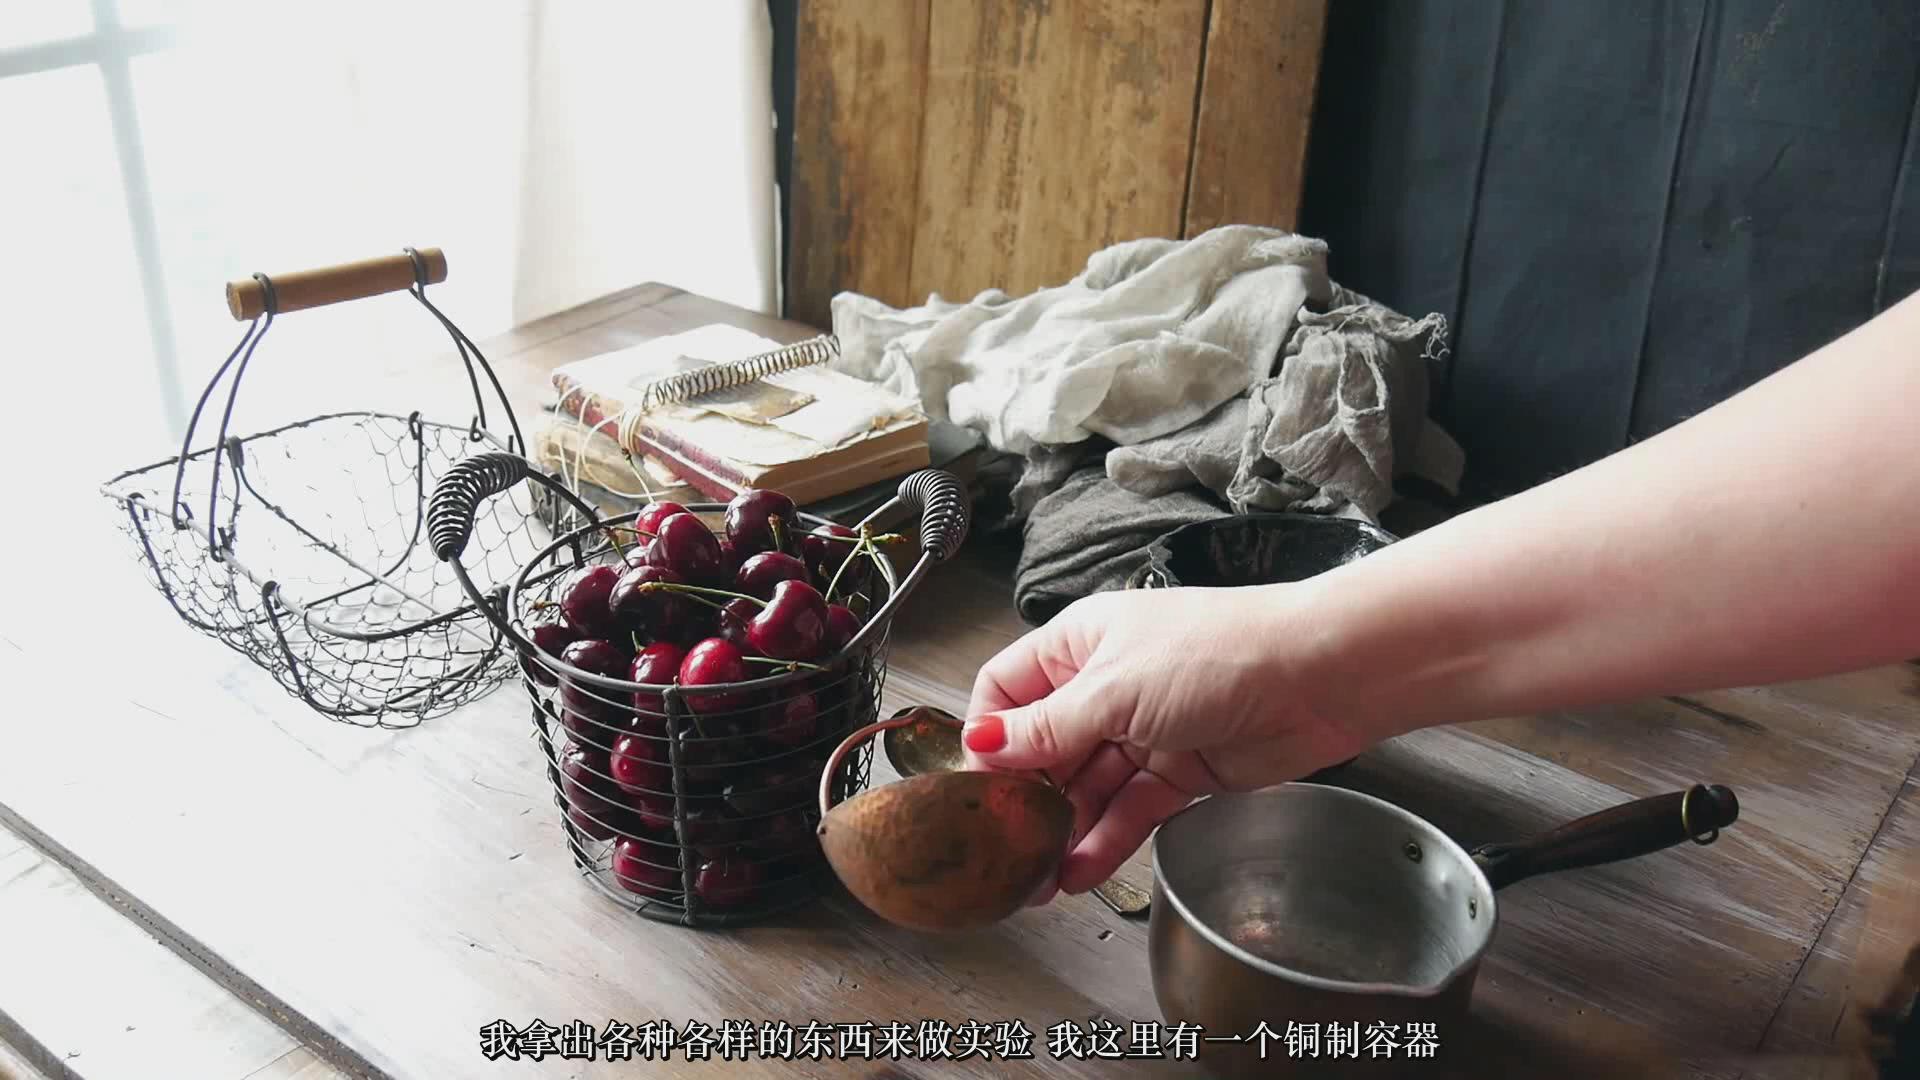 摄影教程_Lenslab –静物花卉产品摄影掌握色彩突破艺术界限研讨会-中文字幕 摄影教程 _预览图20